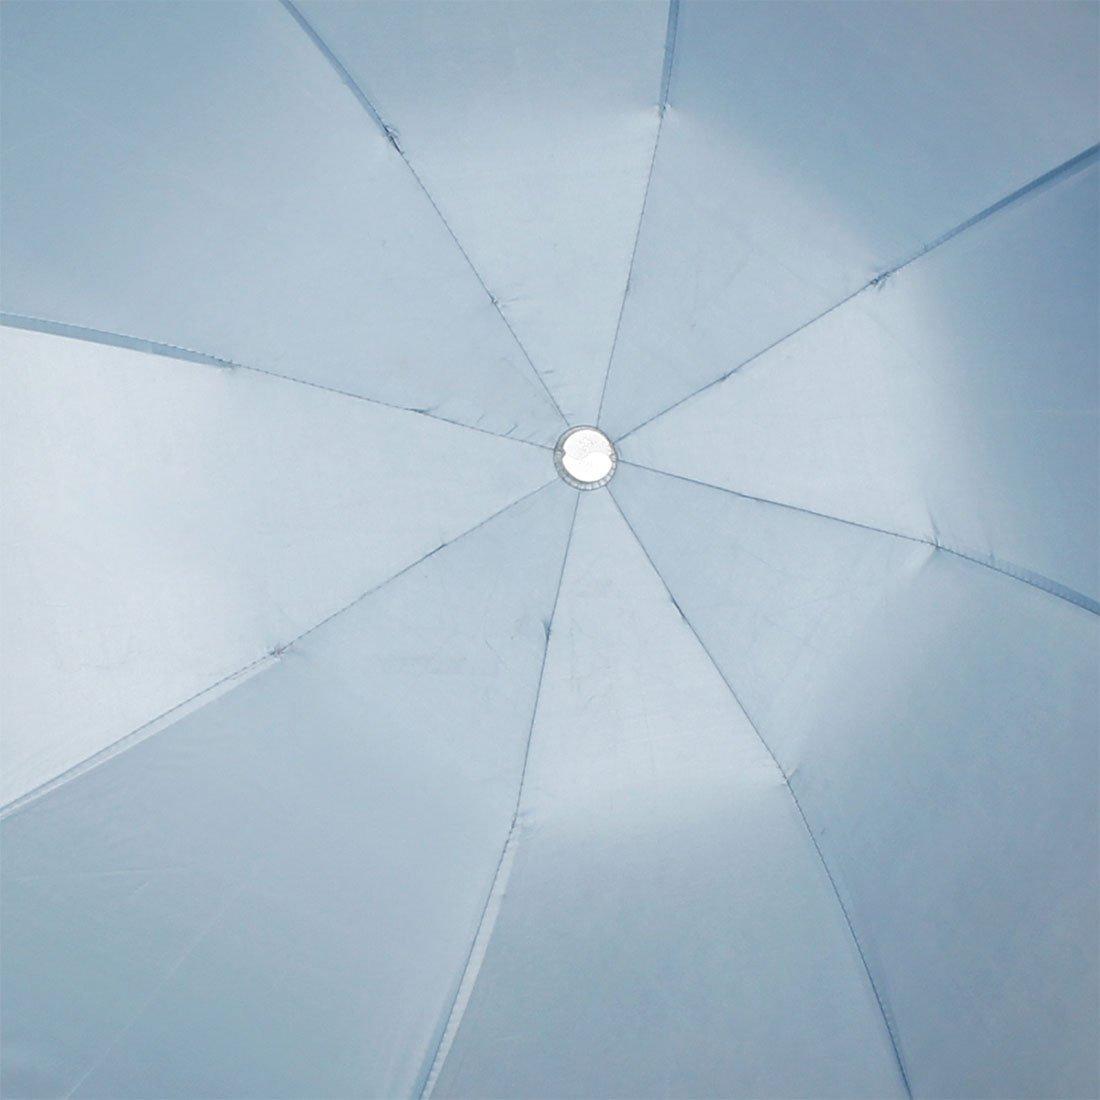 Amazon.com: eDealMax 4 Sección eje telescópico plegable de Sun ...